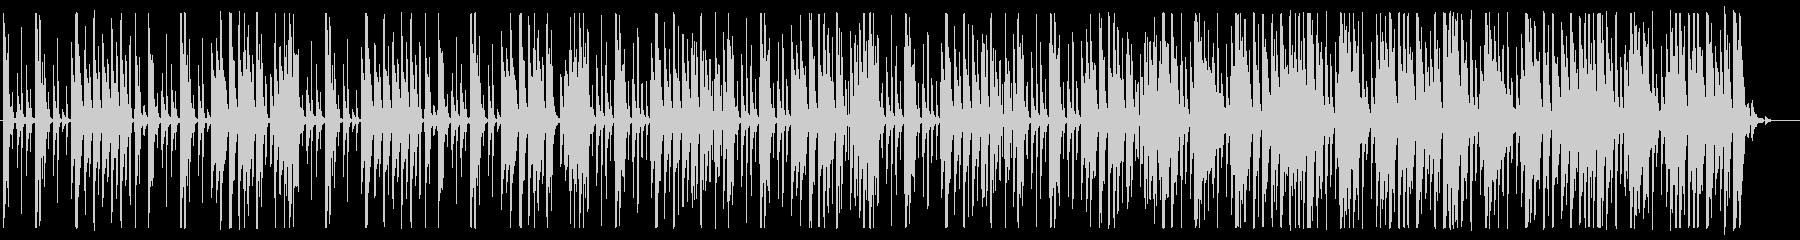 コミカル/ヒップホップ_No473_2の未再生の波形